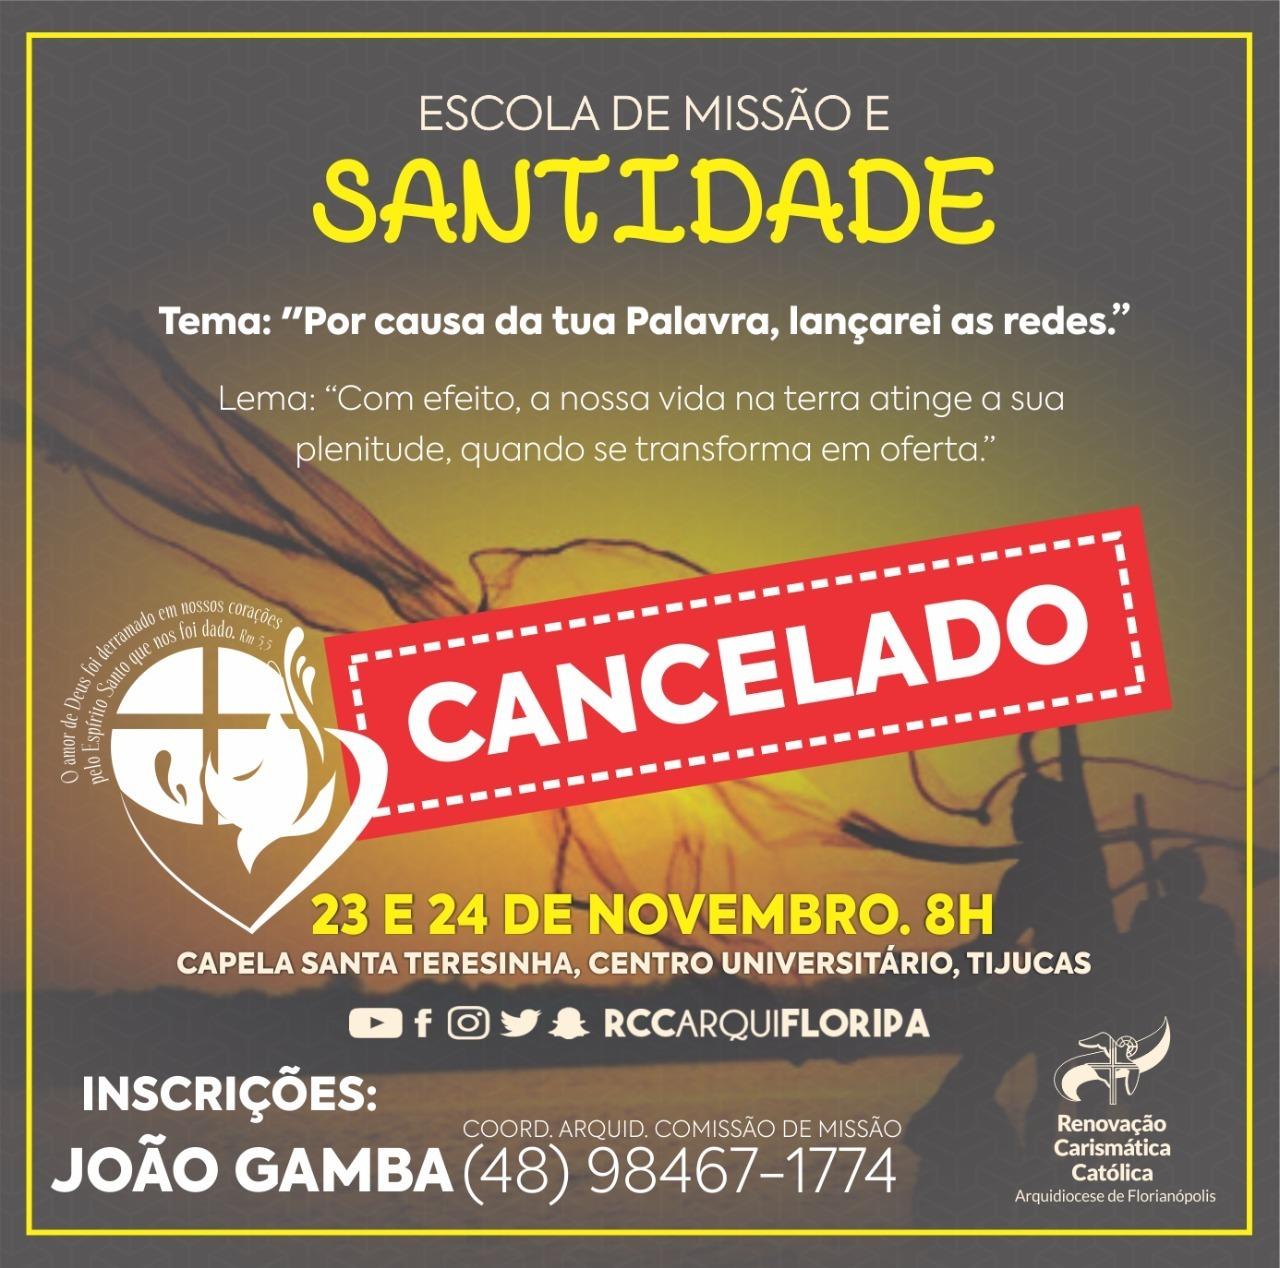 Comunicado: Escola de Missão e Santidade foi adiada